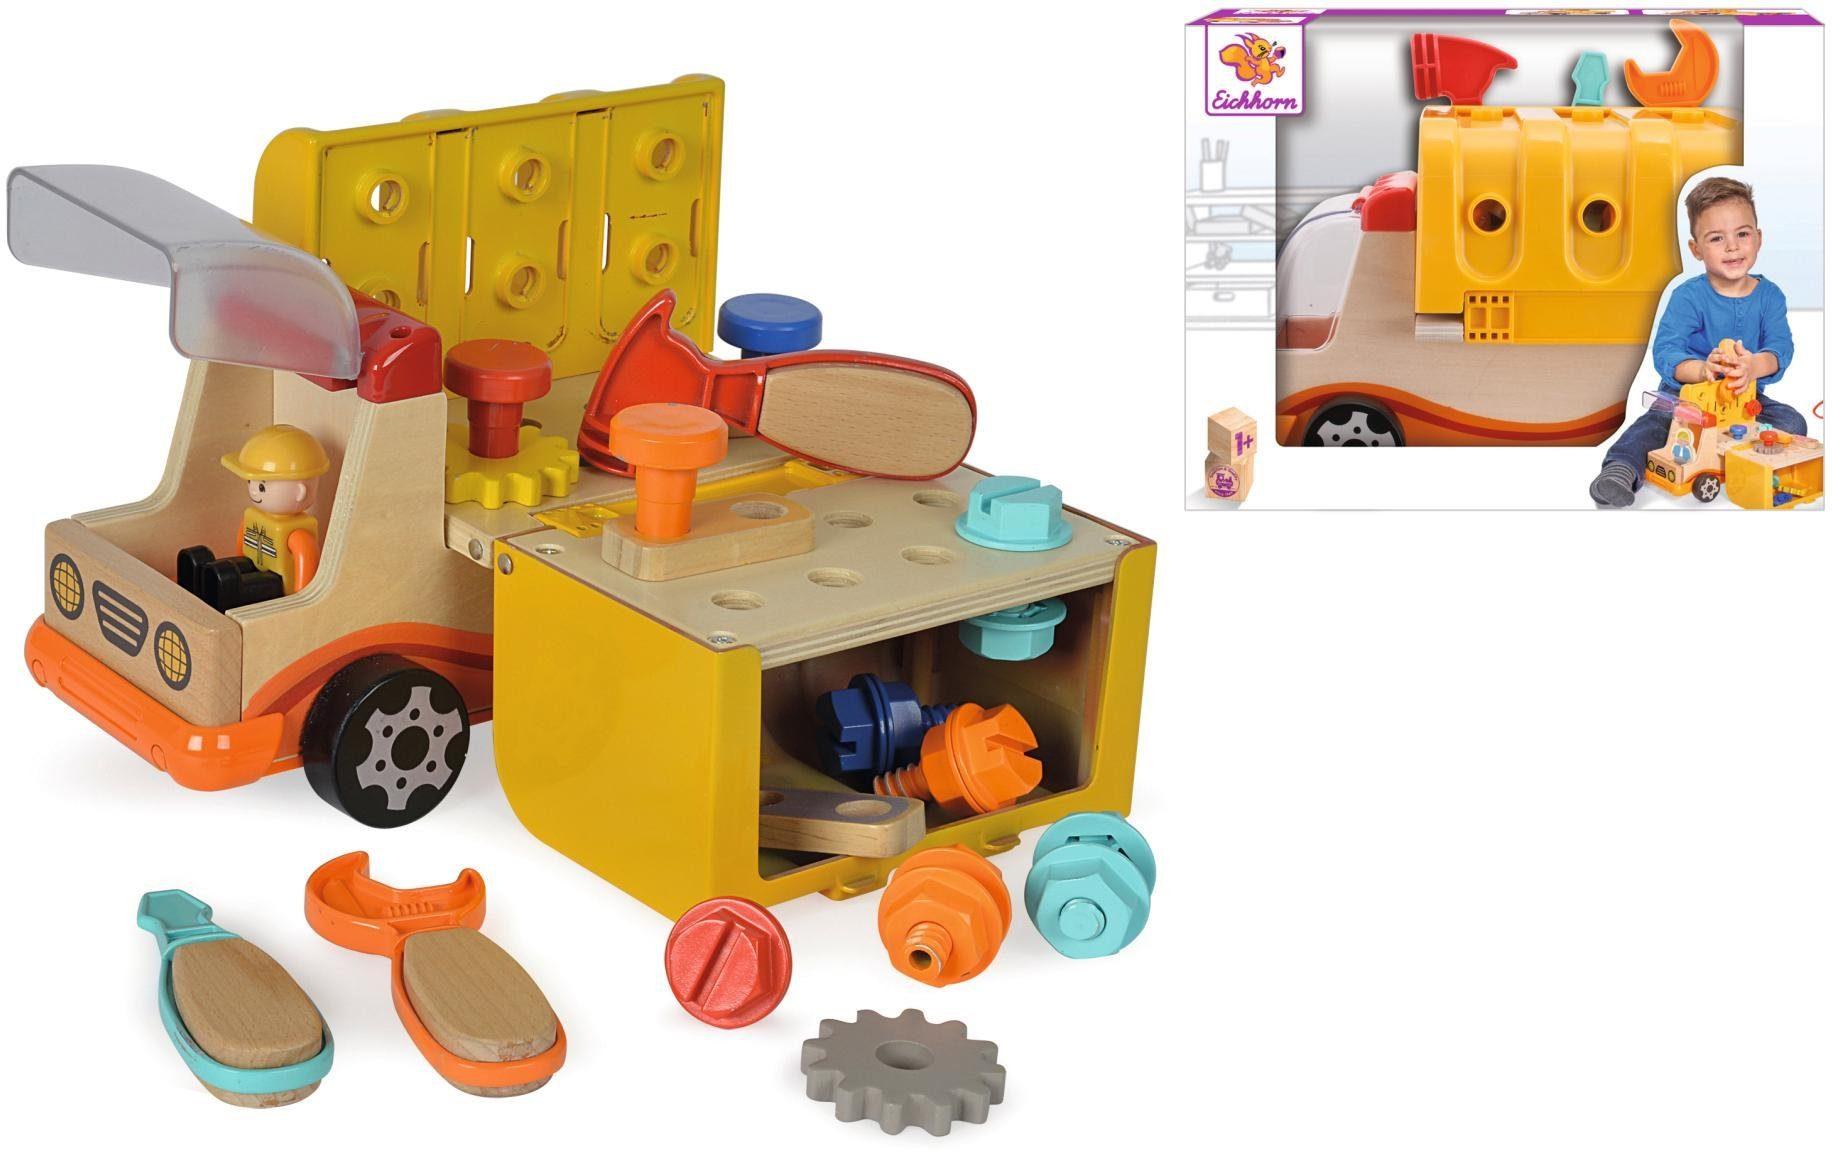 Eichhorn Spielfahrzeug, »2-in-1 Werkzeug LKW und Werkbank«